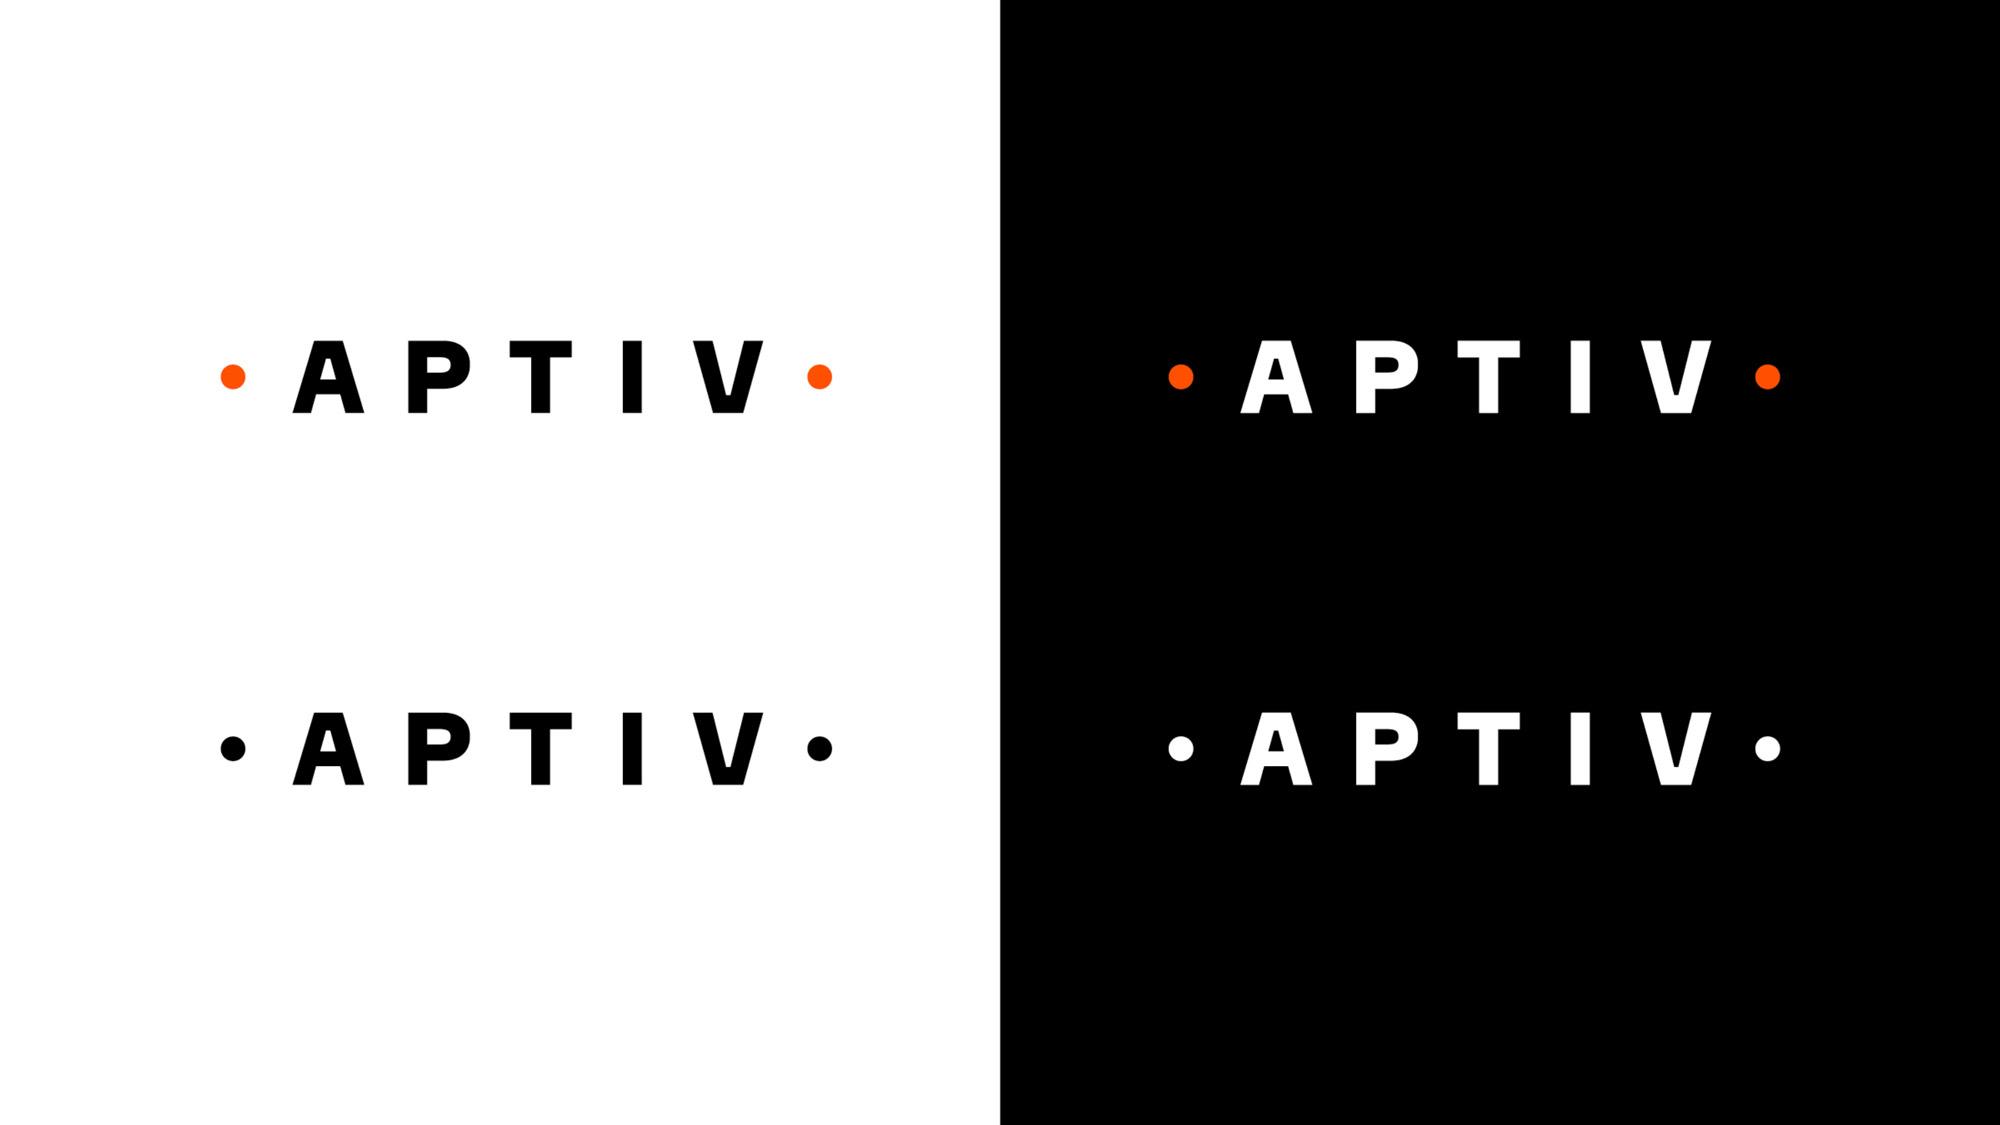 Aptiv_VisID_092517.-2.jpg